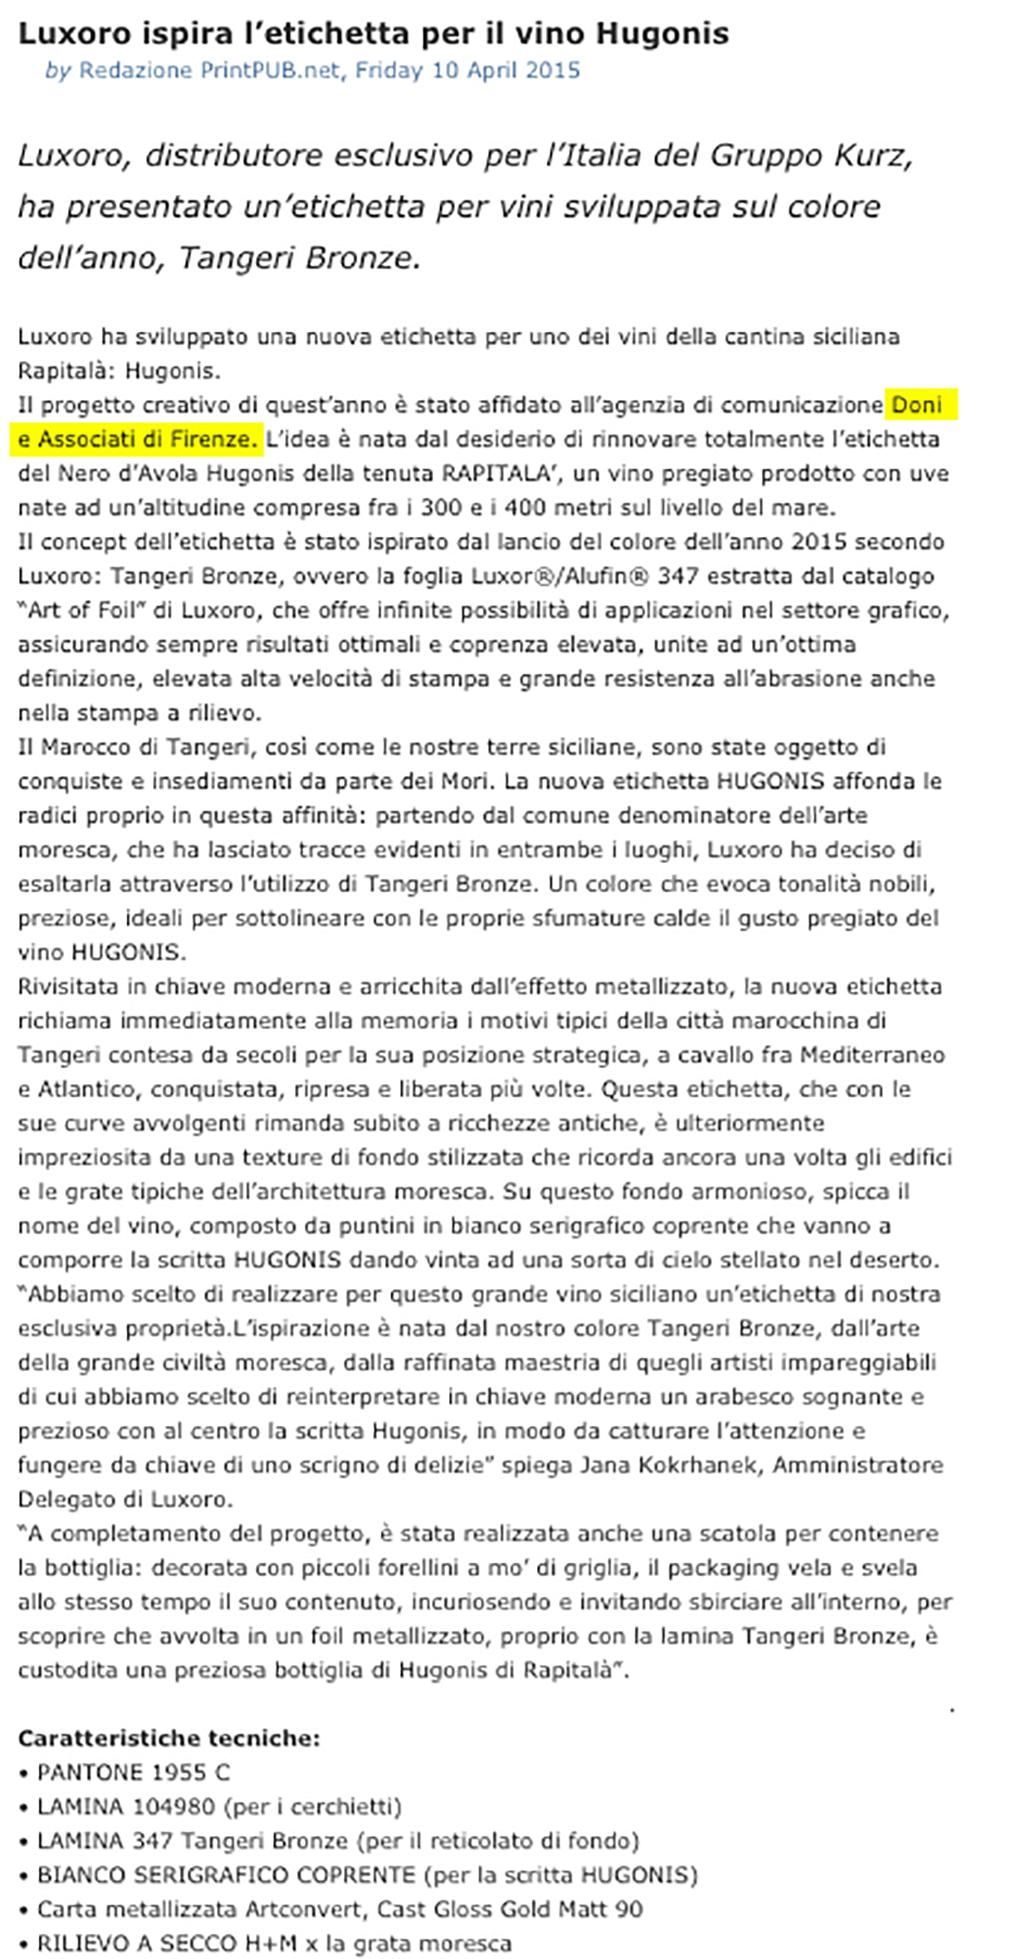 pubblicazione-printpub-hugonis-2015